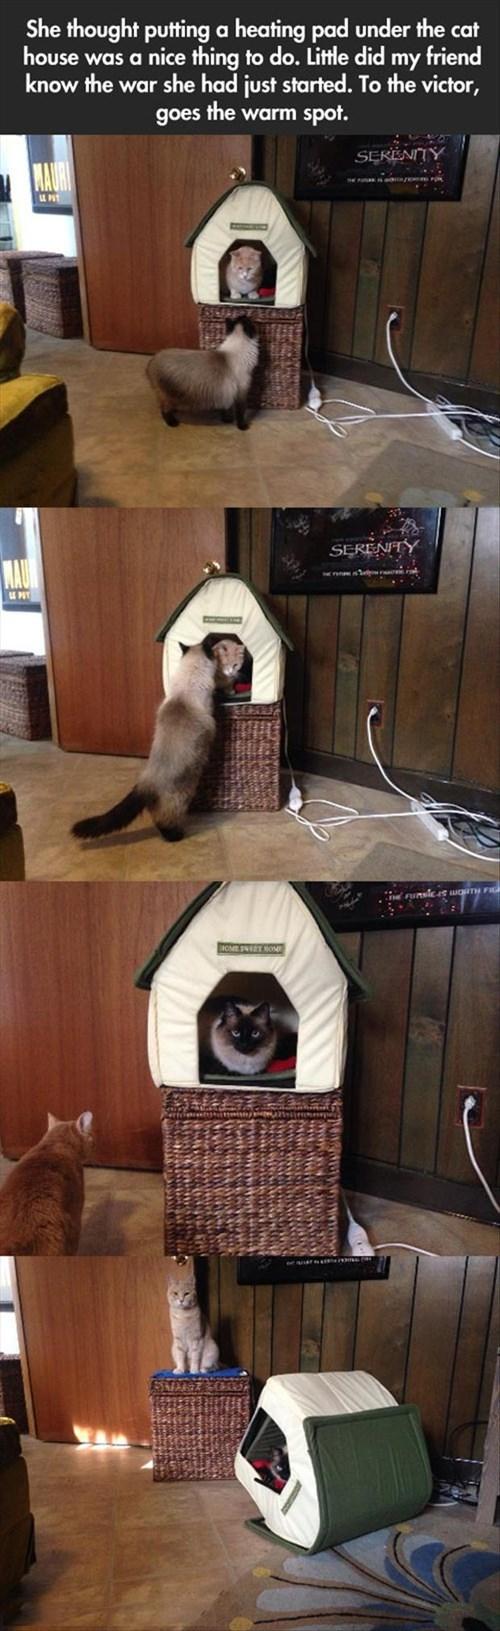 Cats funny war - 7994249984